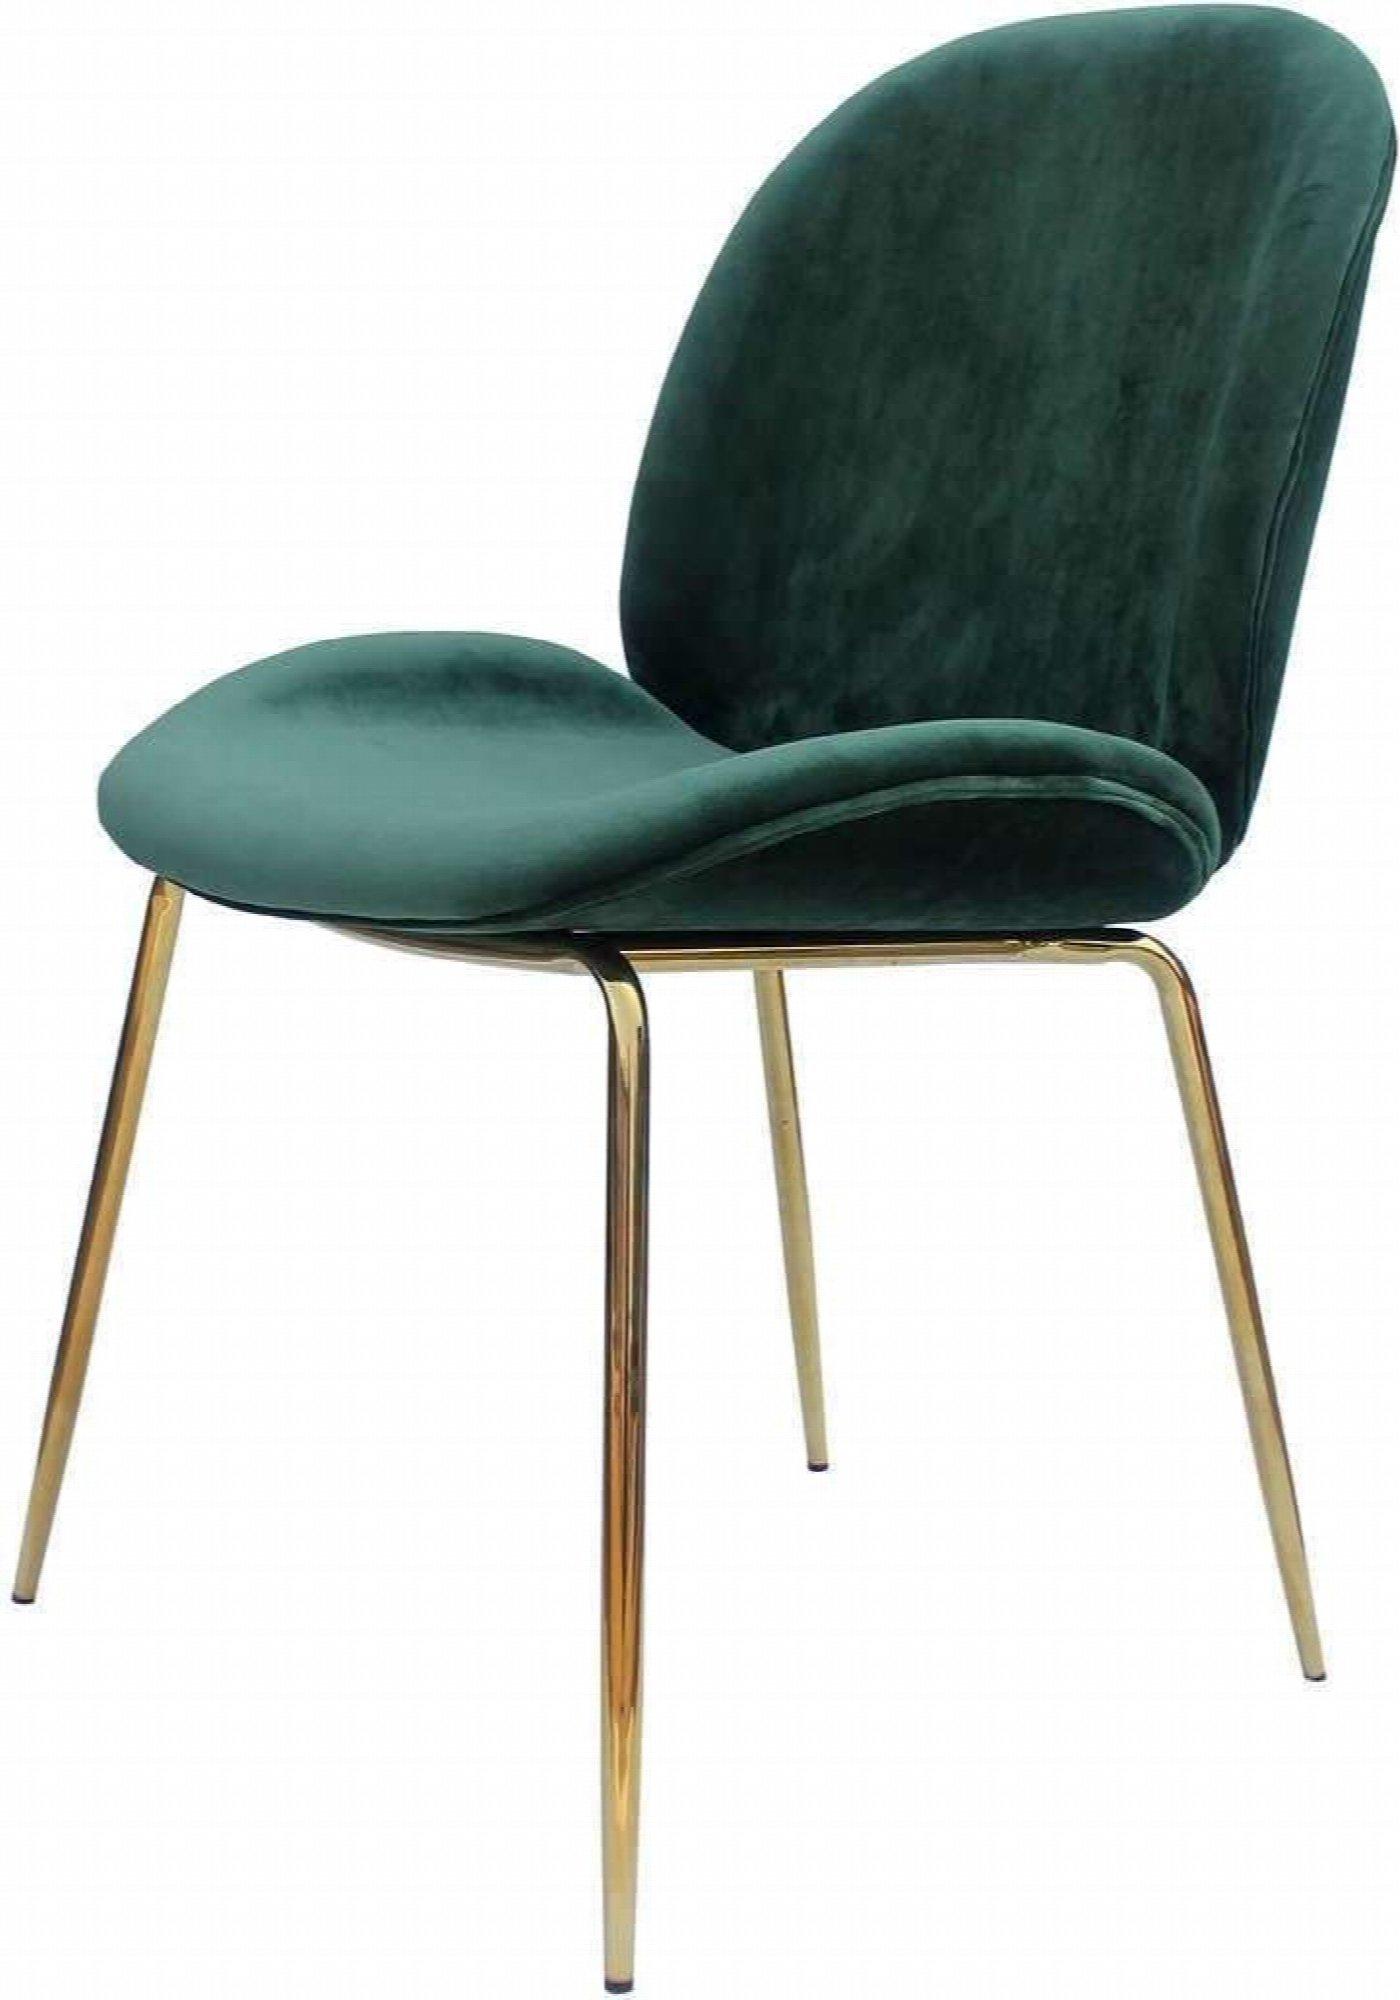 maison du monde Chaise rembourrée assise vert bouteille pieds doré (x2)